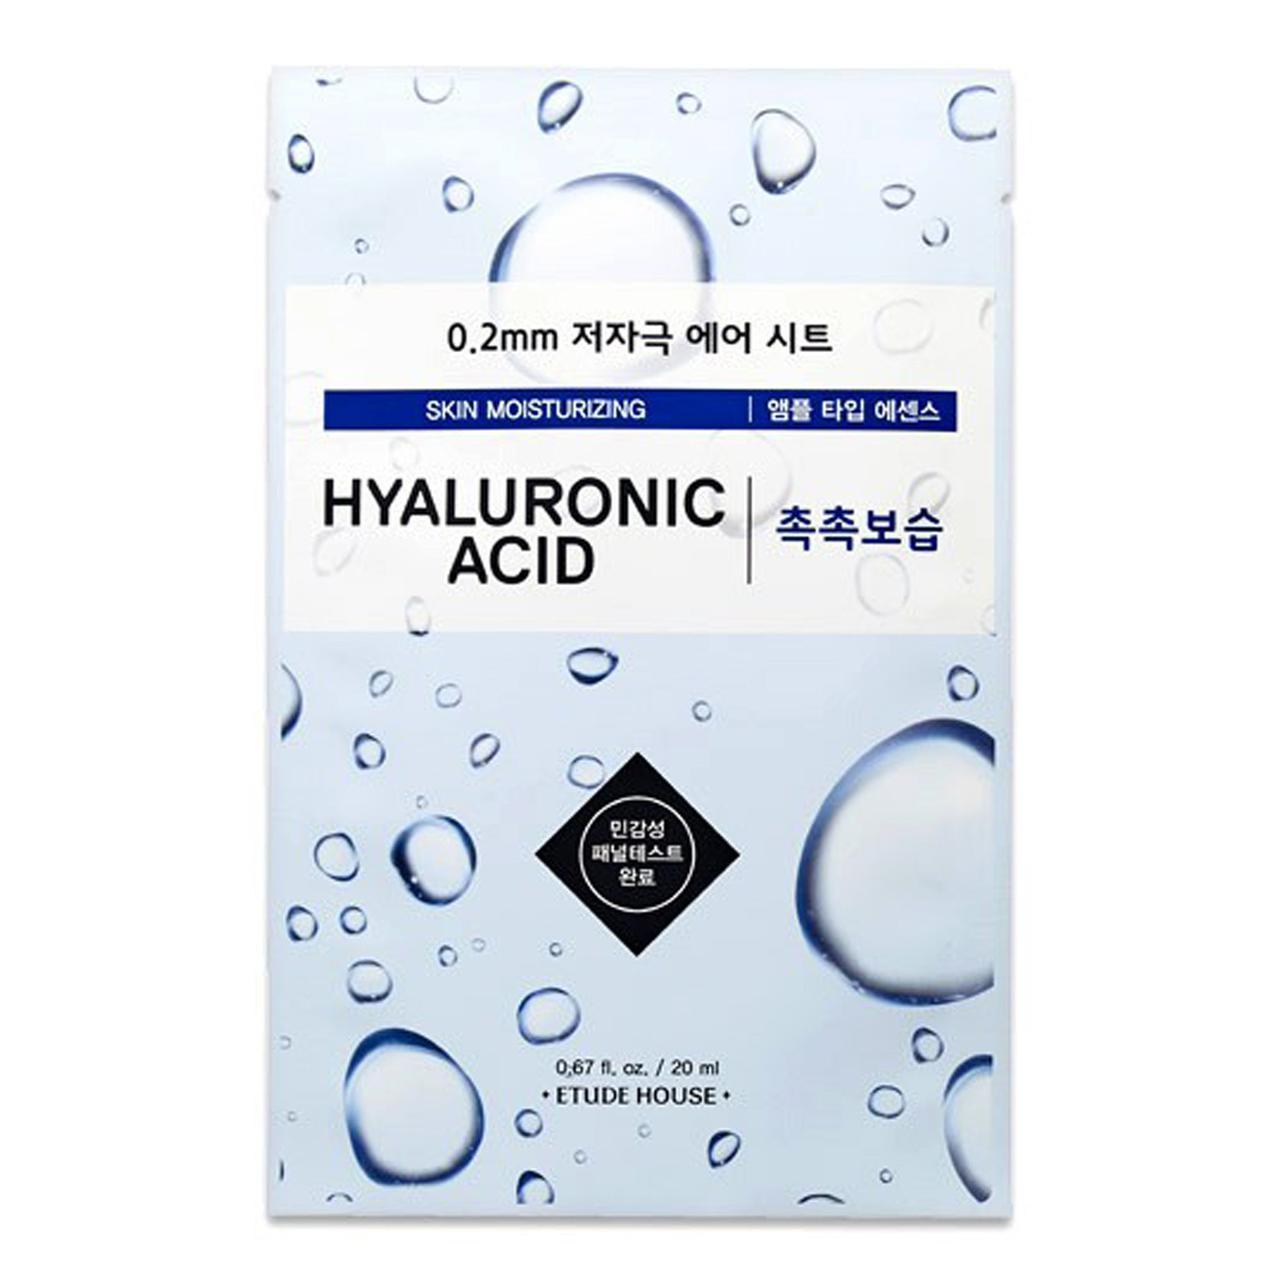 Ультратонкая тканевая маска с гиалуроновой кислотой Etude House Air Mask Hyaluronic Acid